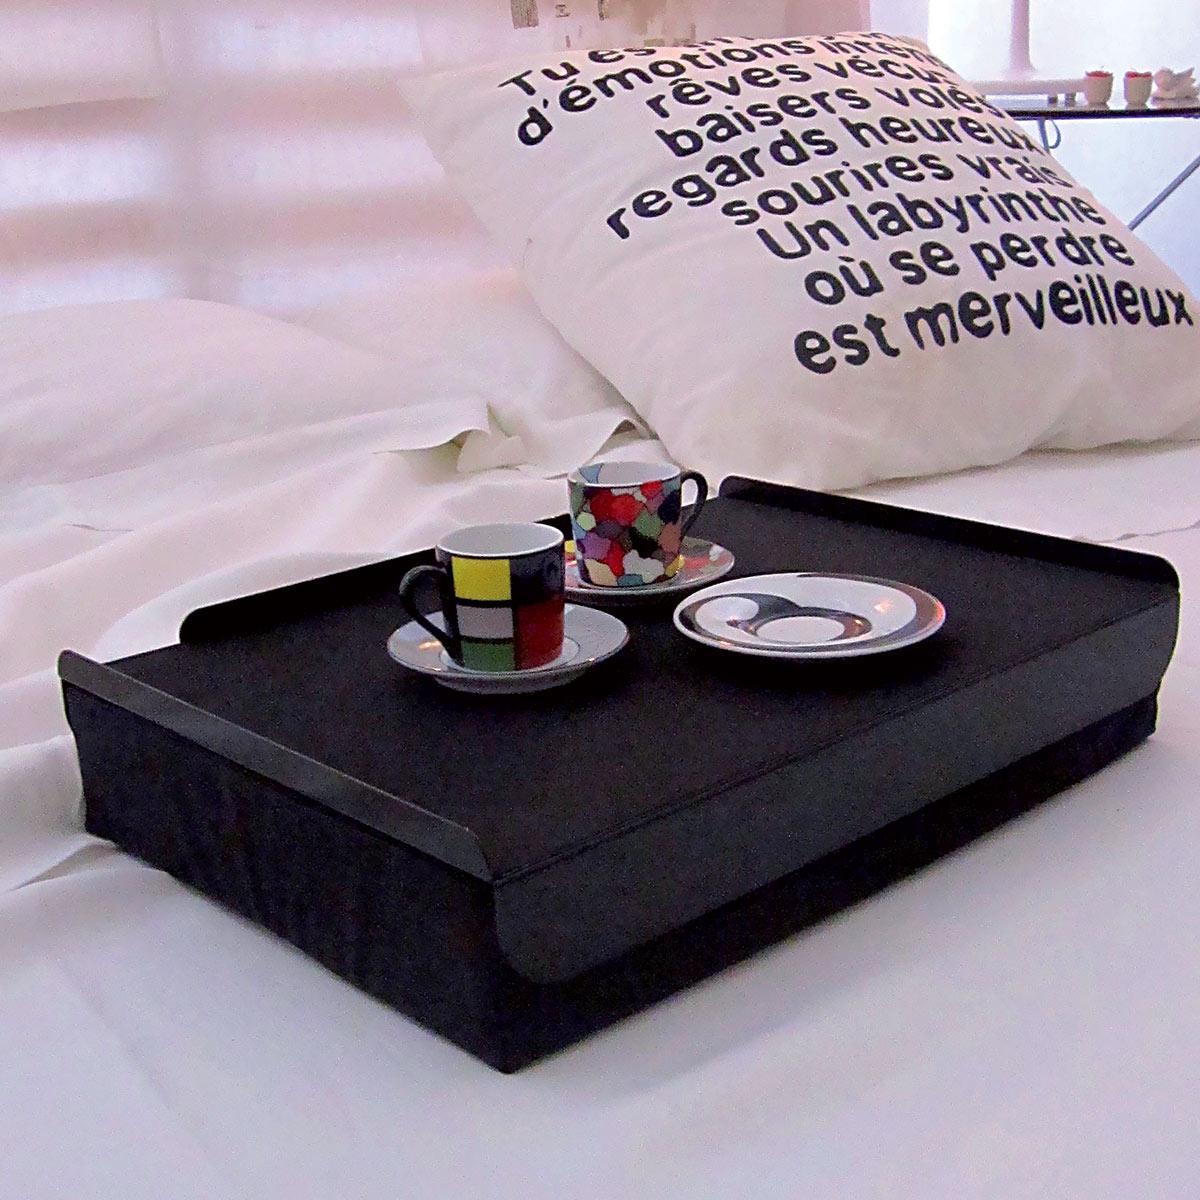 Vassoio da letto composto da un morbido cuscino, un piano in metallo e tovaglietta in ecopelle: colore nero